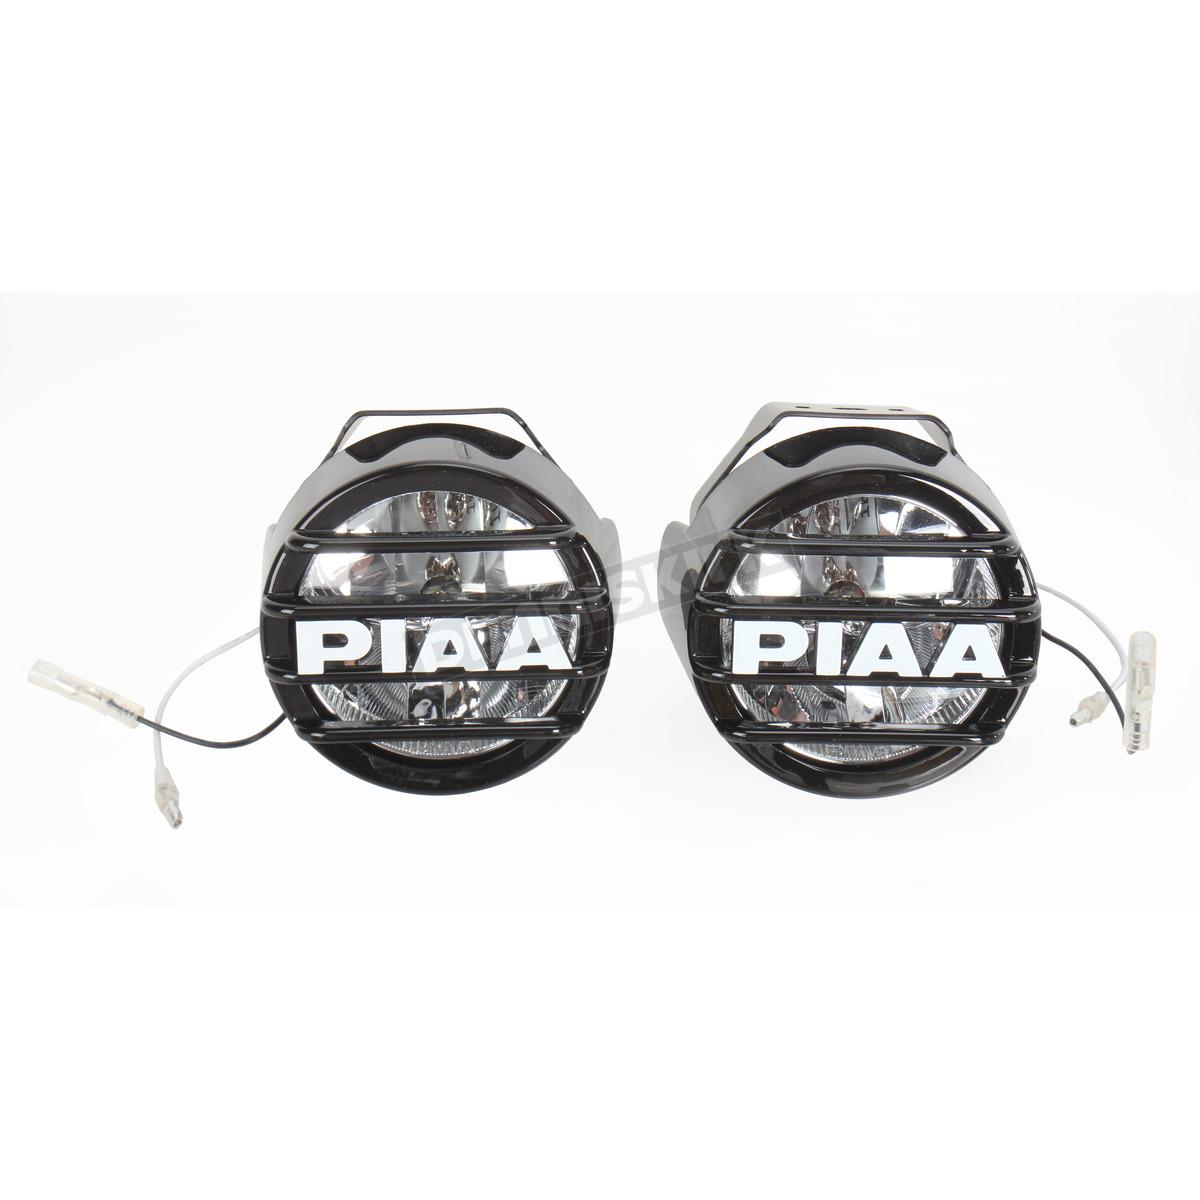 Piaa Lp530 Led Driving Light Kit